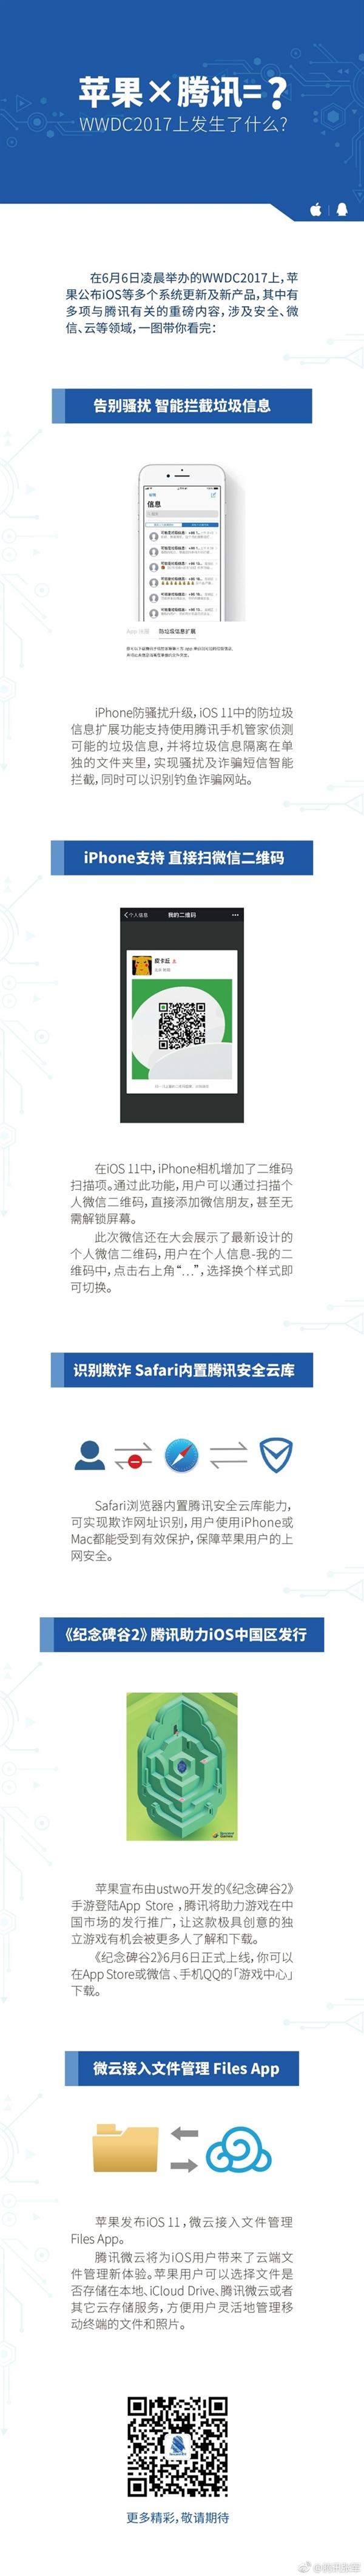 苹果强力封杀!微信要参与iOS系统?腾讯公关总监回应